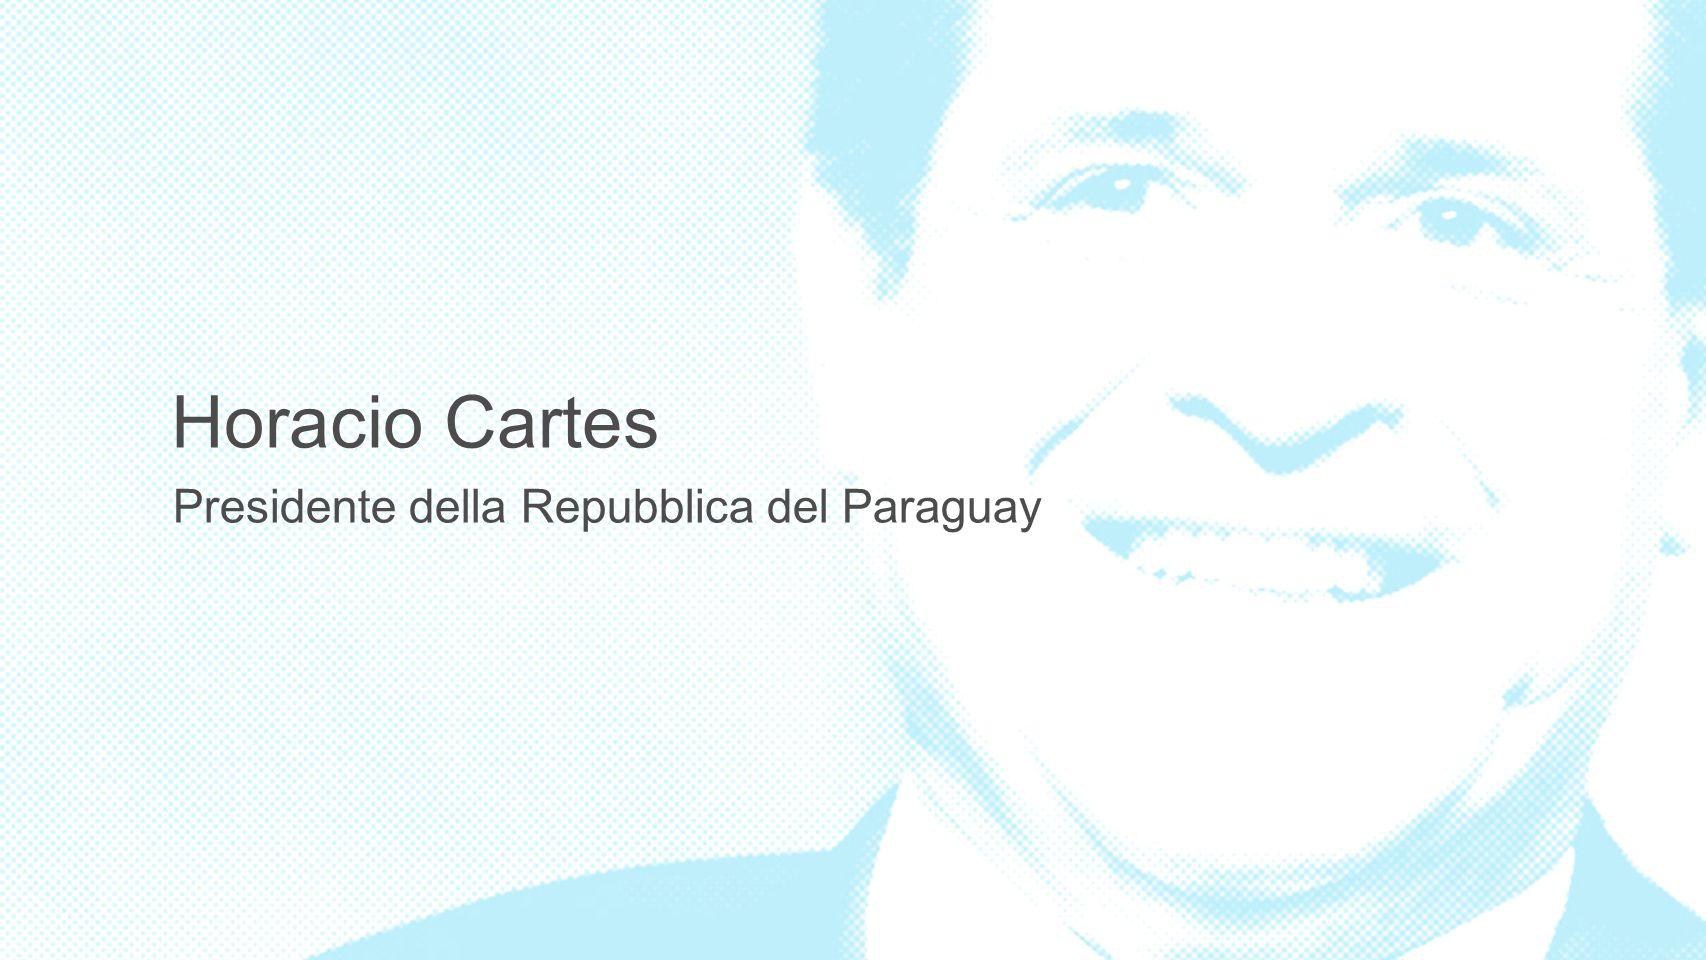 Visione del paese a lungo termino Paraguay é uno dei produttori di alimenti piú efficienti del mondo;aperto e connesso con il mondo; con un alto livello di sviluppo, ambientalmente sostenibile; garante della sicurezza pubblica e della proprietà privata, con un forte ruolo delle donne, dei giovani imprenditori e addestrati a guidare il paese, e uno stato solidale, equo, trasparente e senza tolleranza per la corruzione